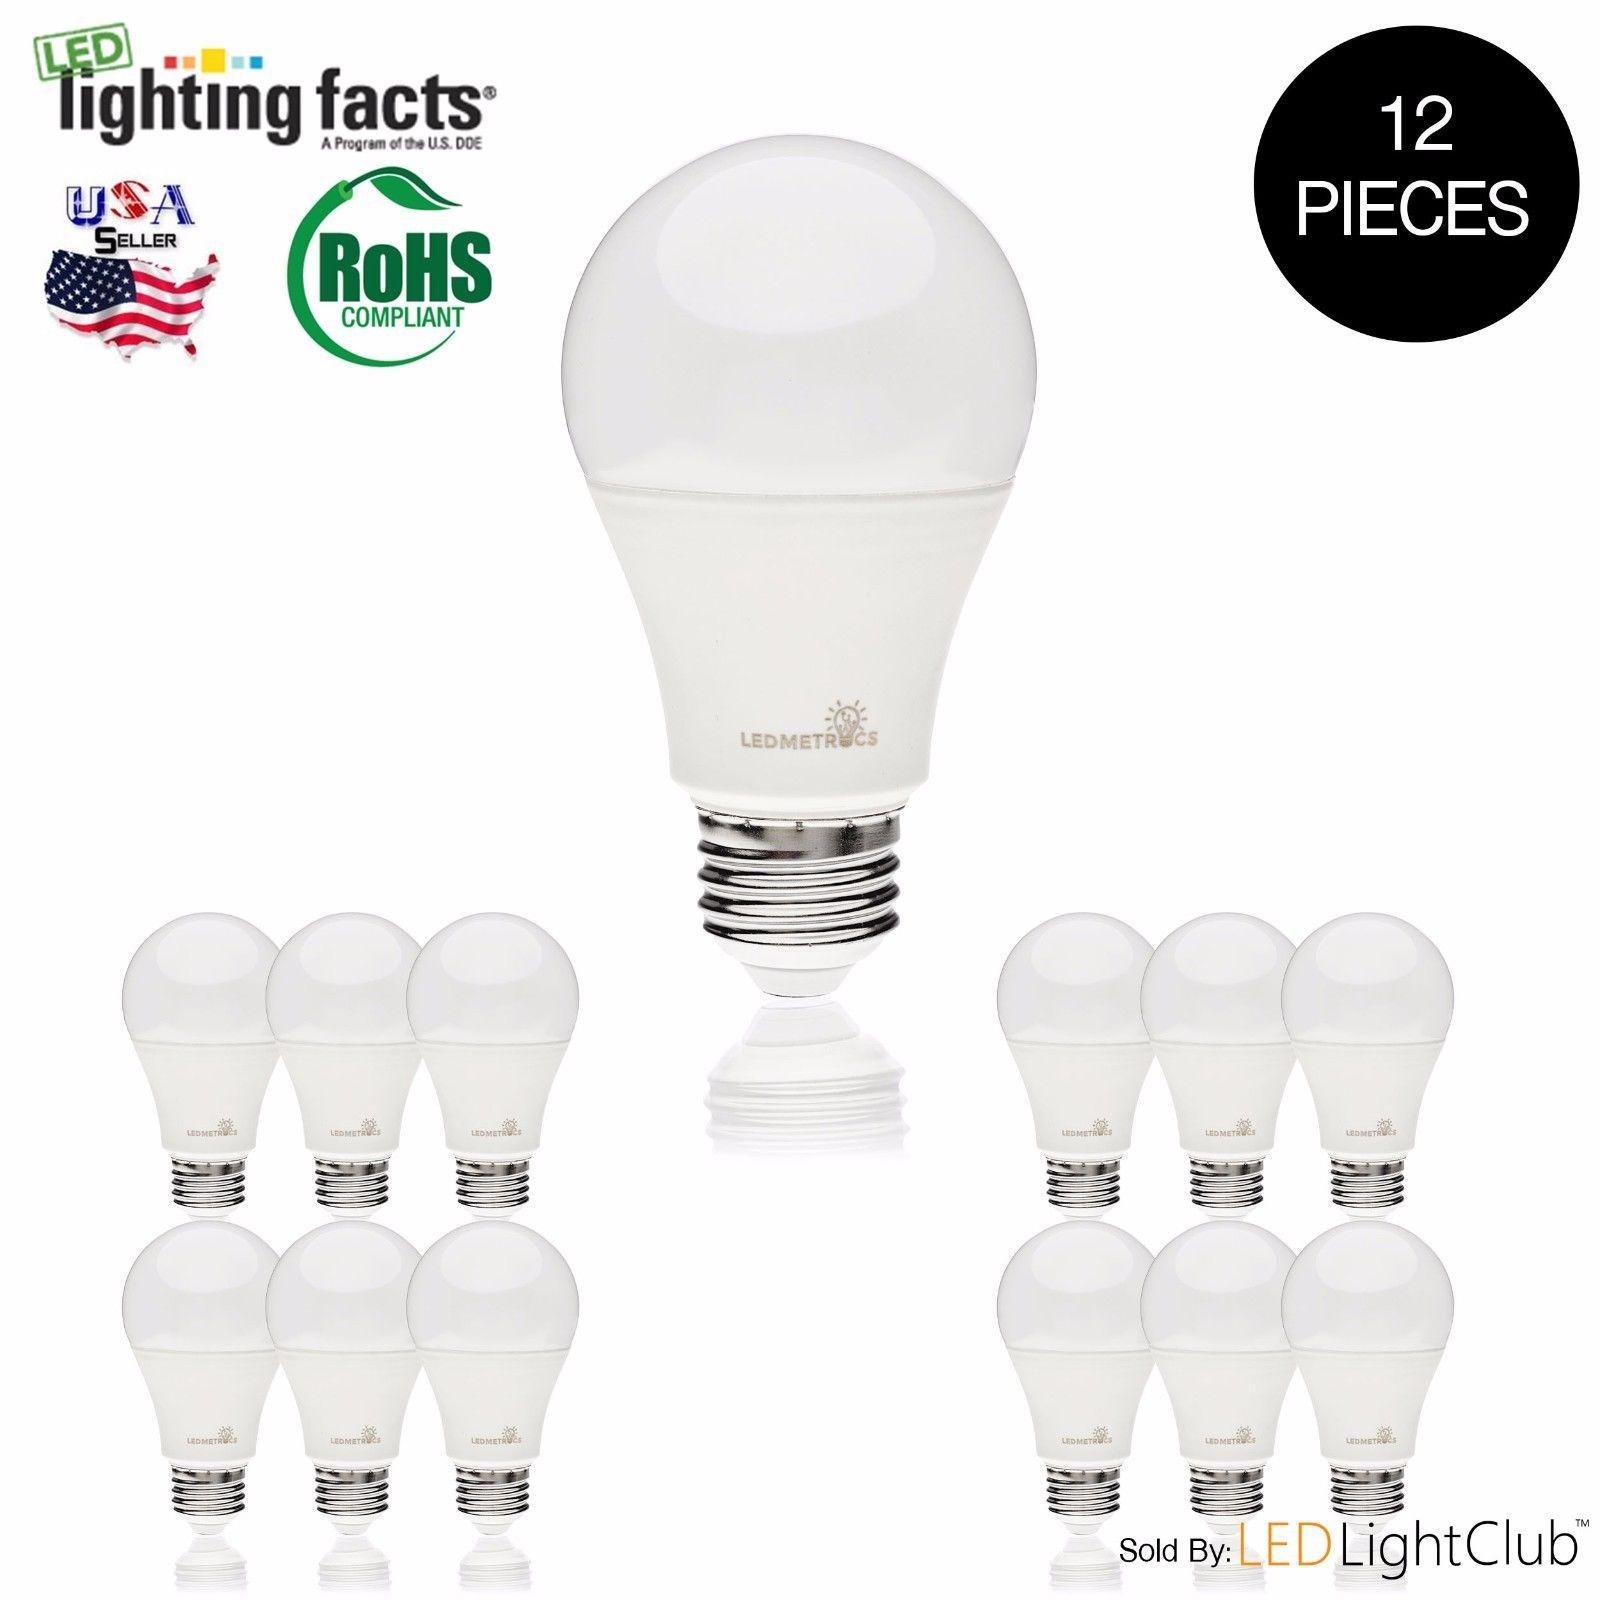 60 Watt Equivalent Slimstyle A19 Led Light Bulb Soft 2700k Amp 5000k 12 Pack 114 In Home Amp Garden Lamps Lighting Amp Ceiling Bulb Led Led Light Bulbs